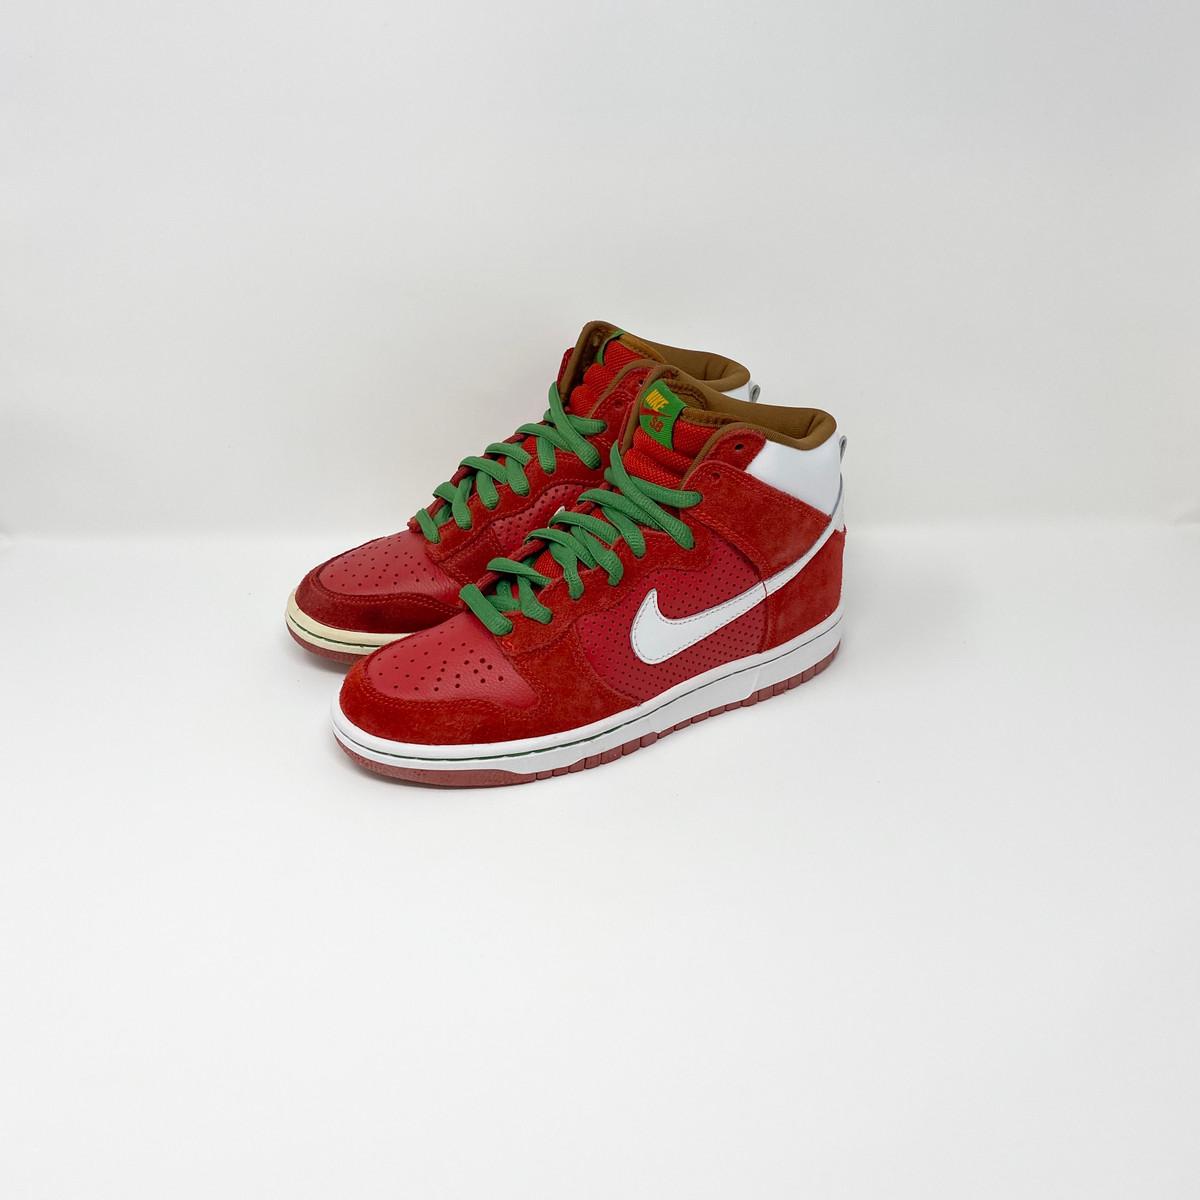 Nike Dunk Hi Pro SB Big Gulp